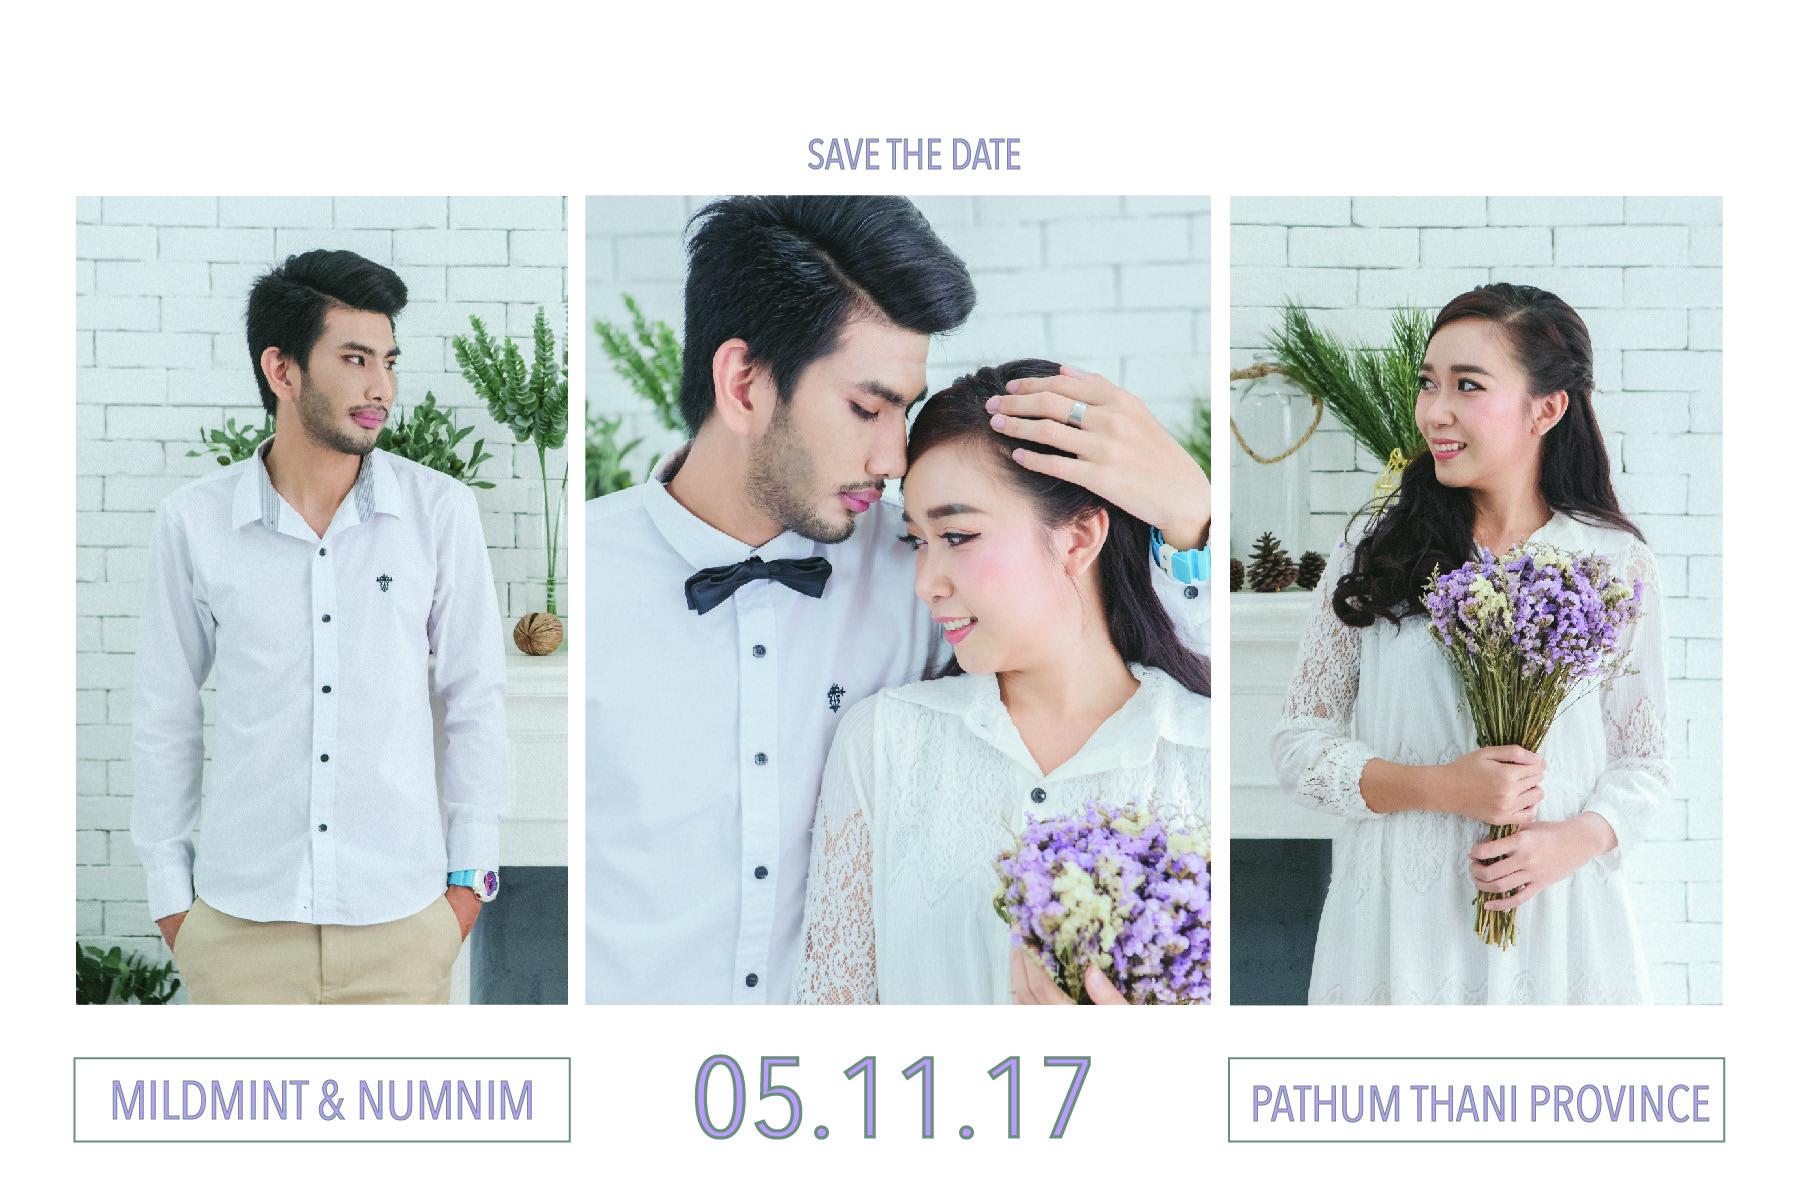 ออกแบบการ์ดแต่งงาน การ์ดต่างๆ